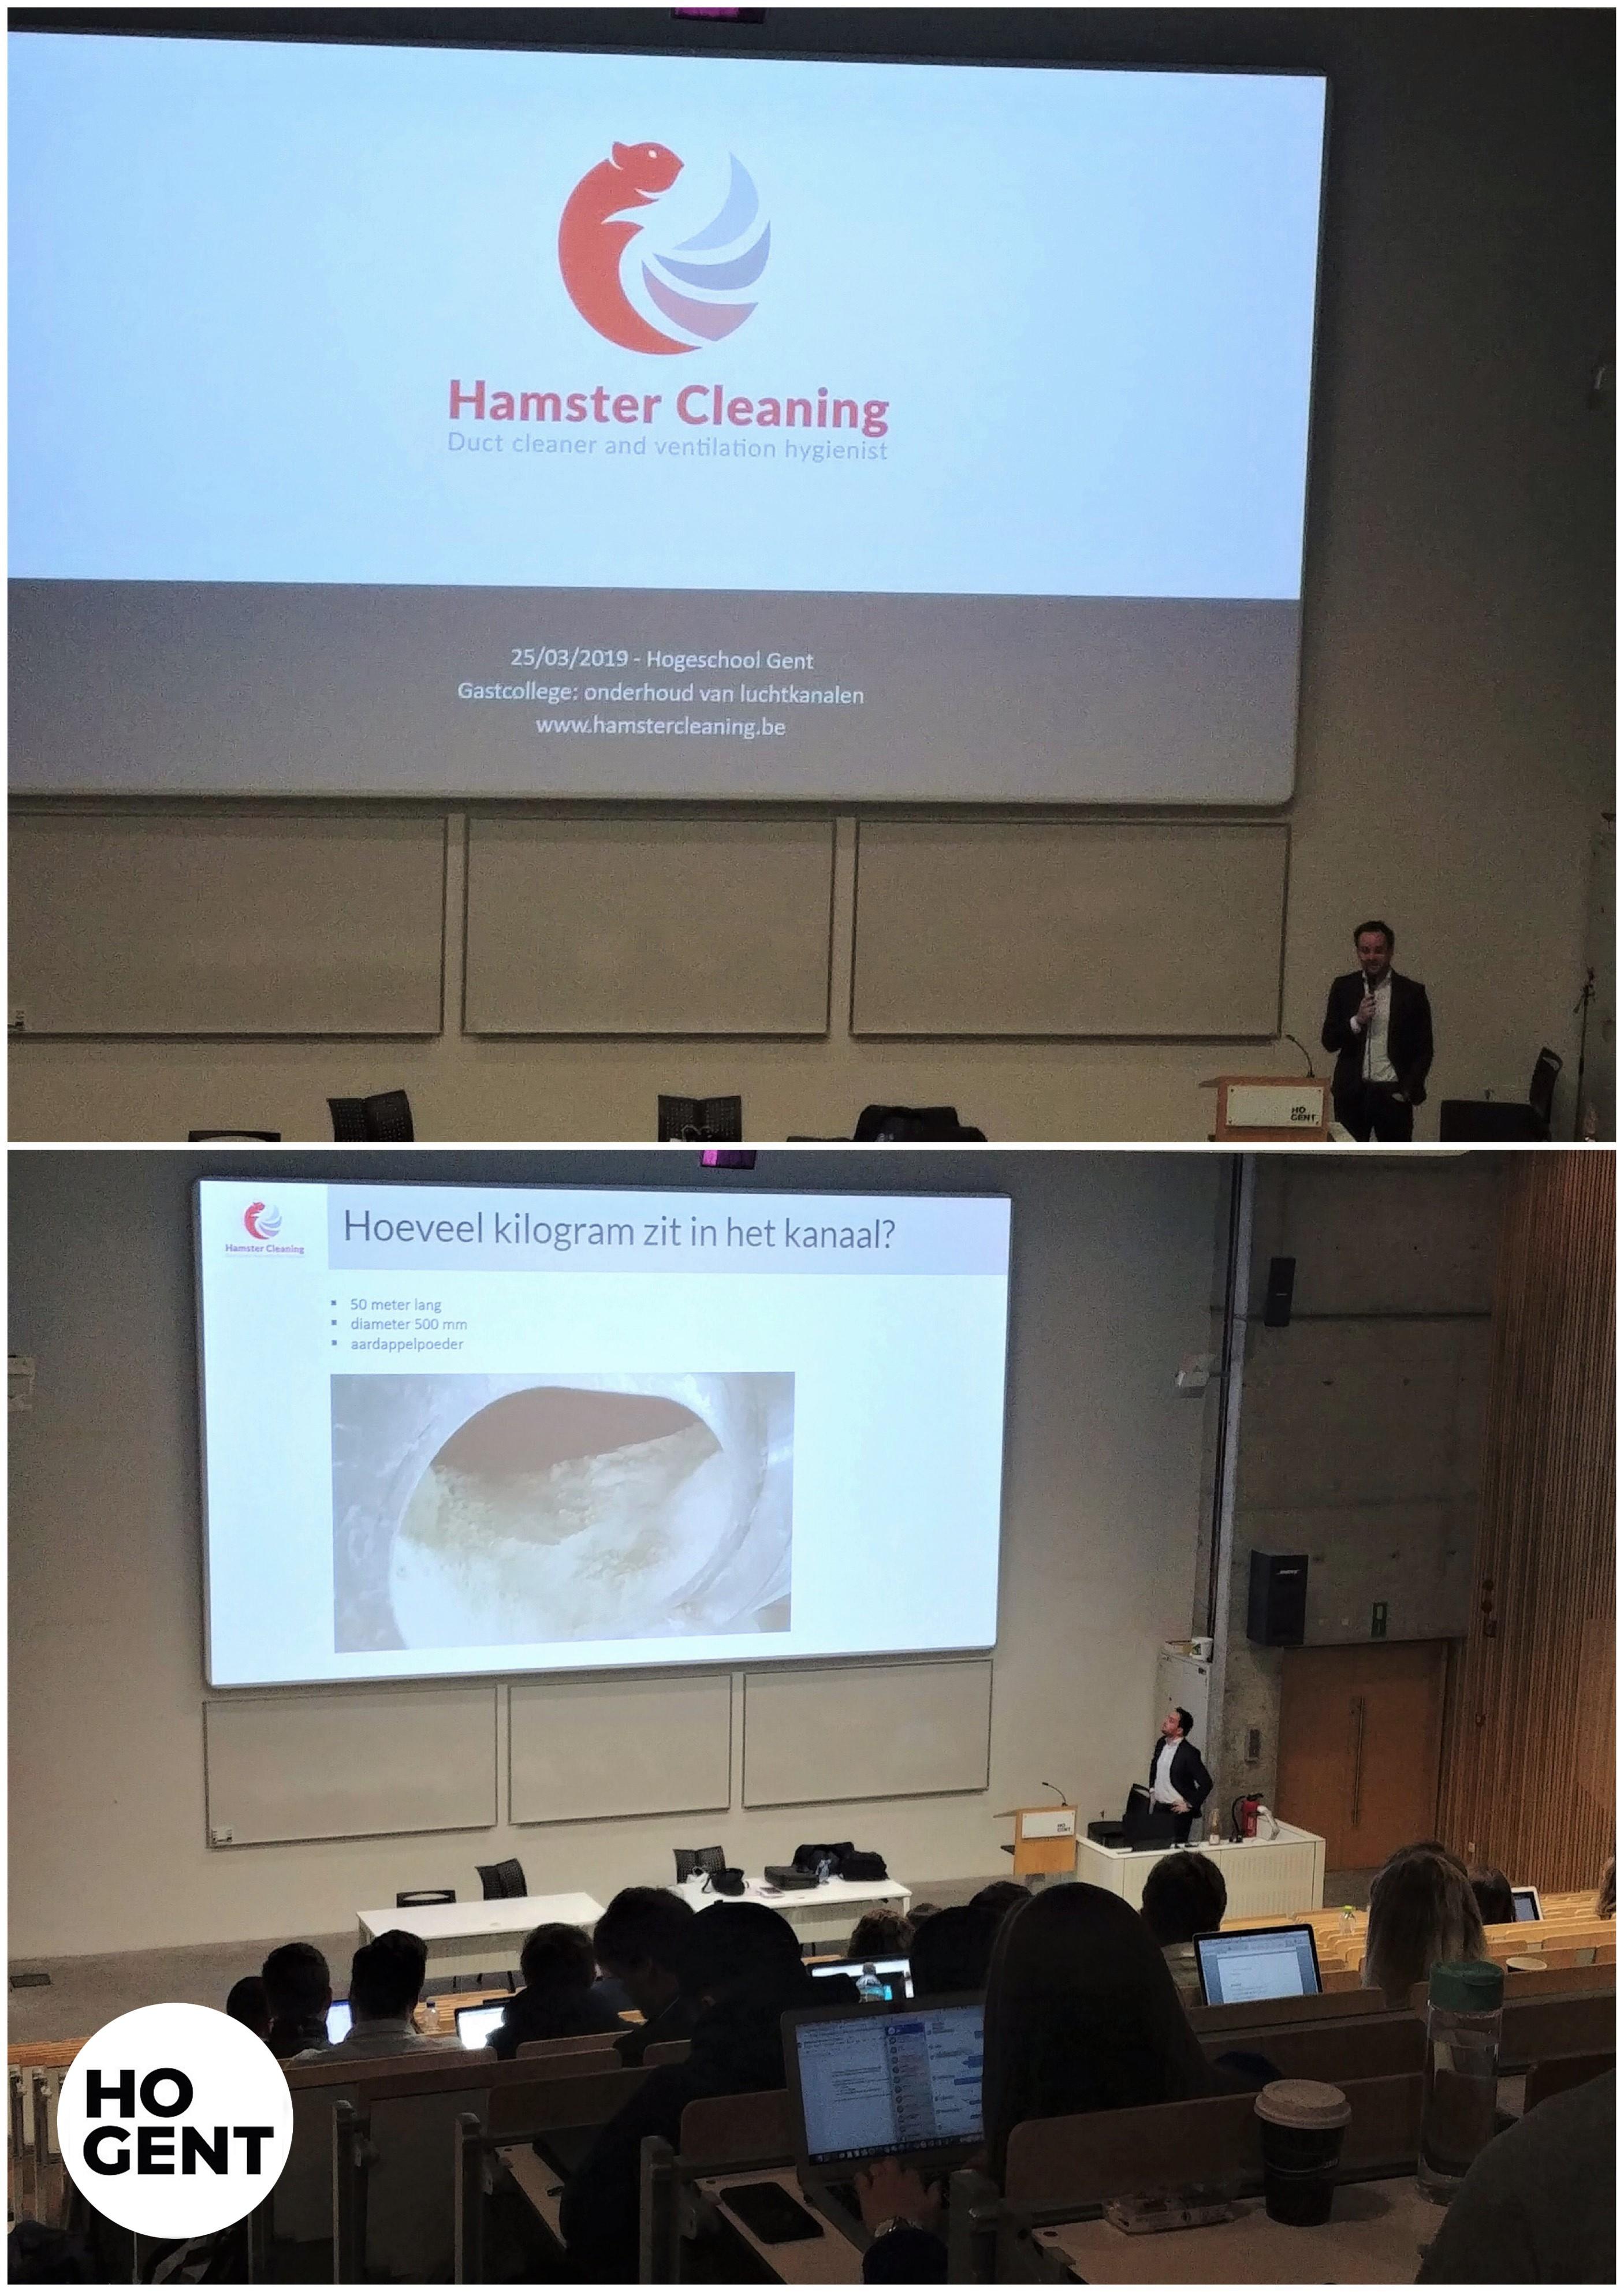 Hamster Cleaning doceert in reine ventilatiesystemen.